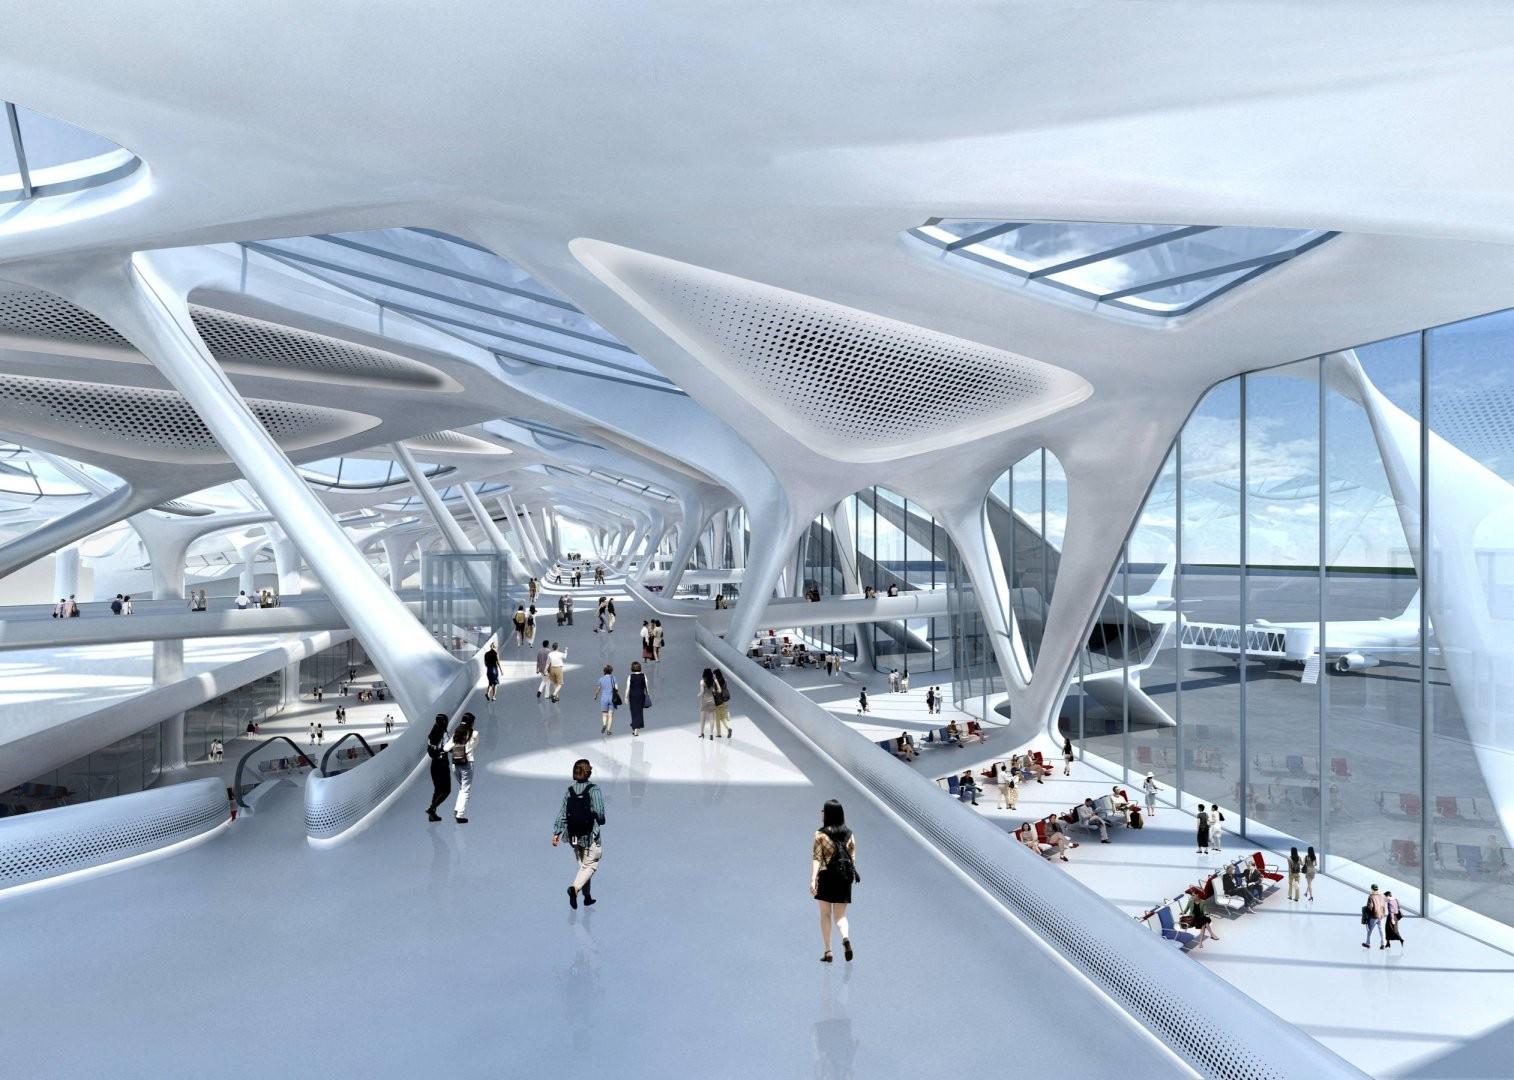 Zaha Hadid Architects desarrollará propuesta para el nuevo Aeropuerto de Londres, Zagreb Airport Competition Proposal / ZHA © Zaha Hadid Architects